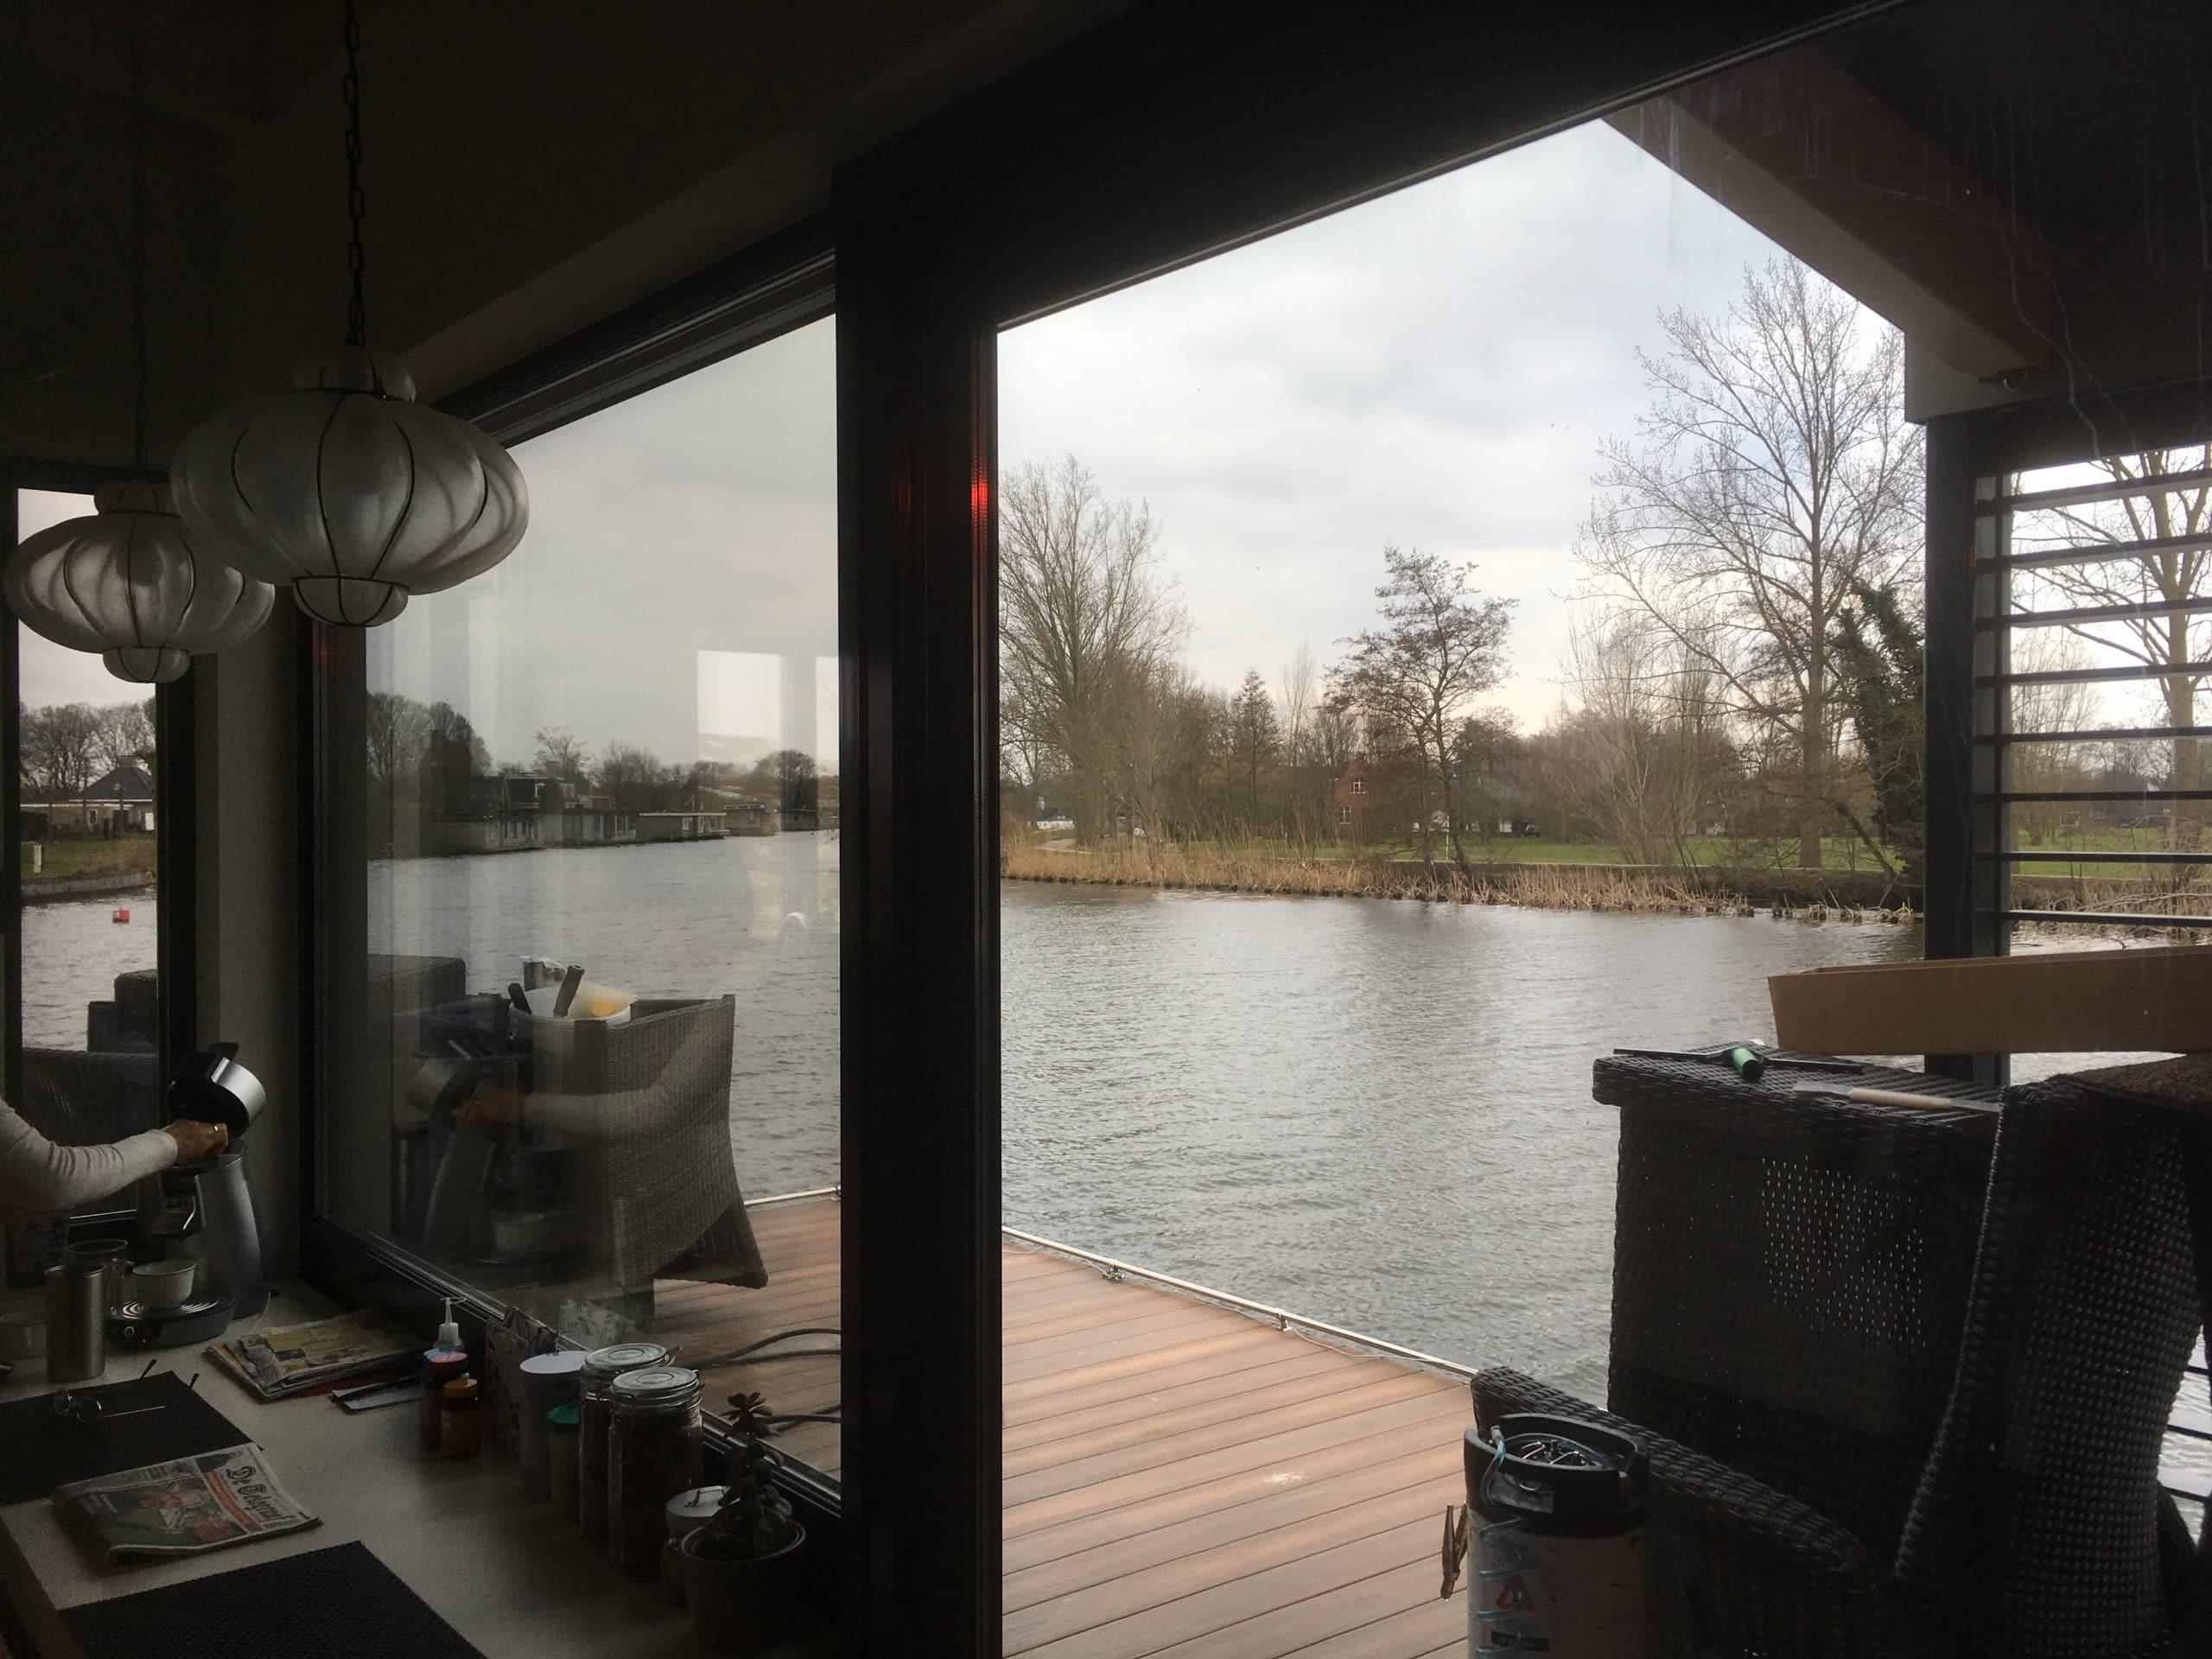 Sunblock Stainless Steel 40 gemonteerd op de ramen van een woonboot teneinde de schittering van het water te verminderen en de zonnewarmte te reduceren